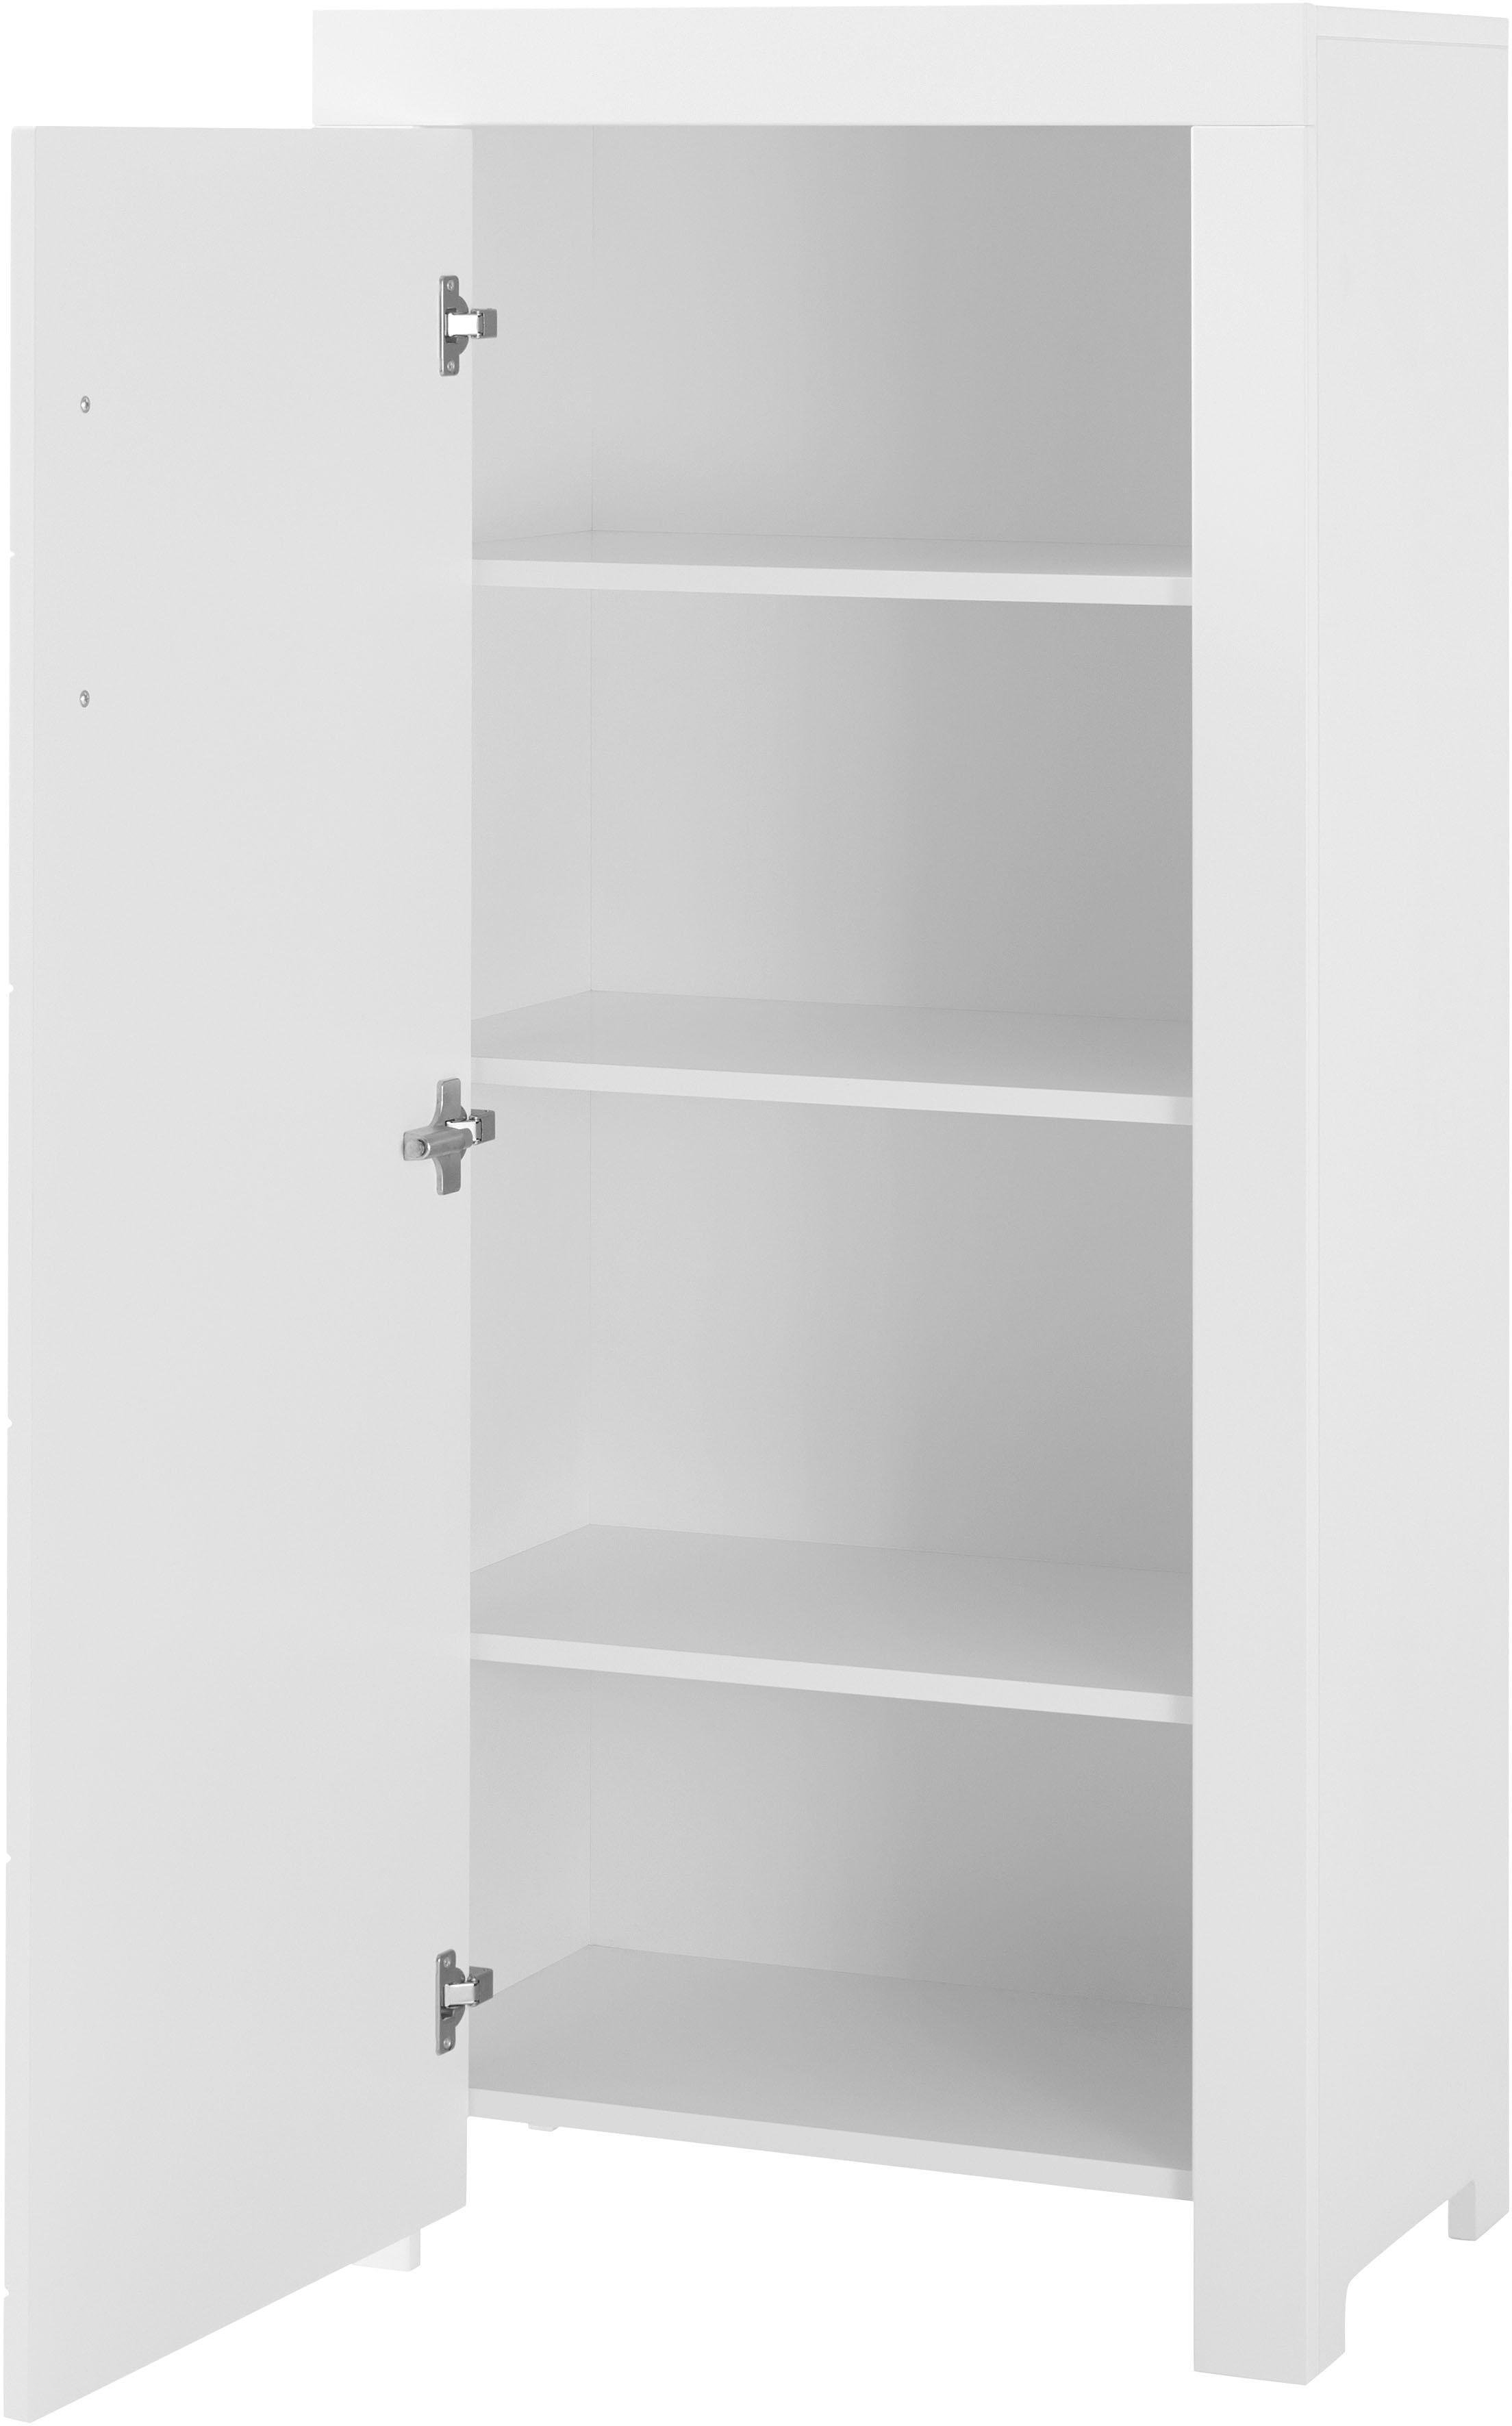 Stauraumschrank-Allzweck-Schrank-Inosign-Damenmode-Overalls-Dielenschraenke Indexbild 6